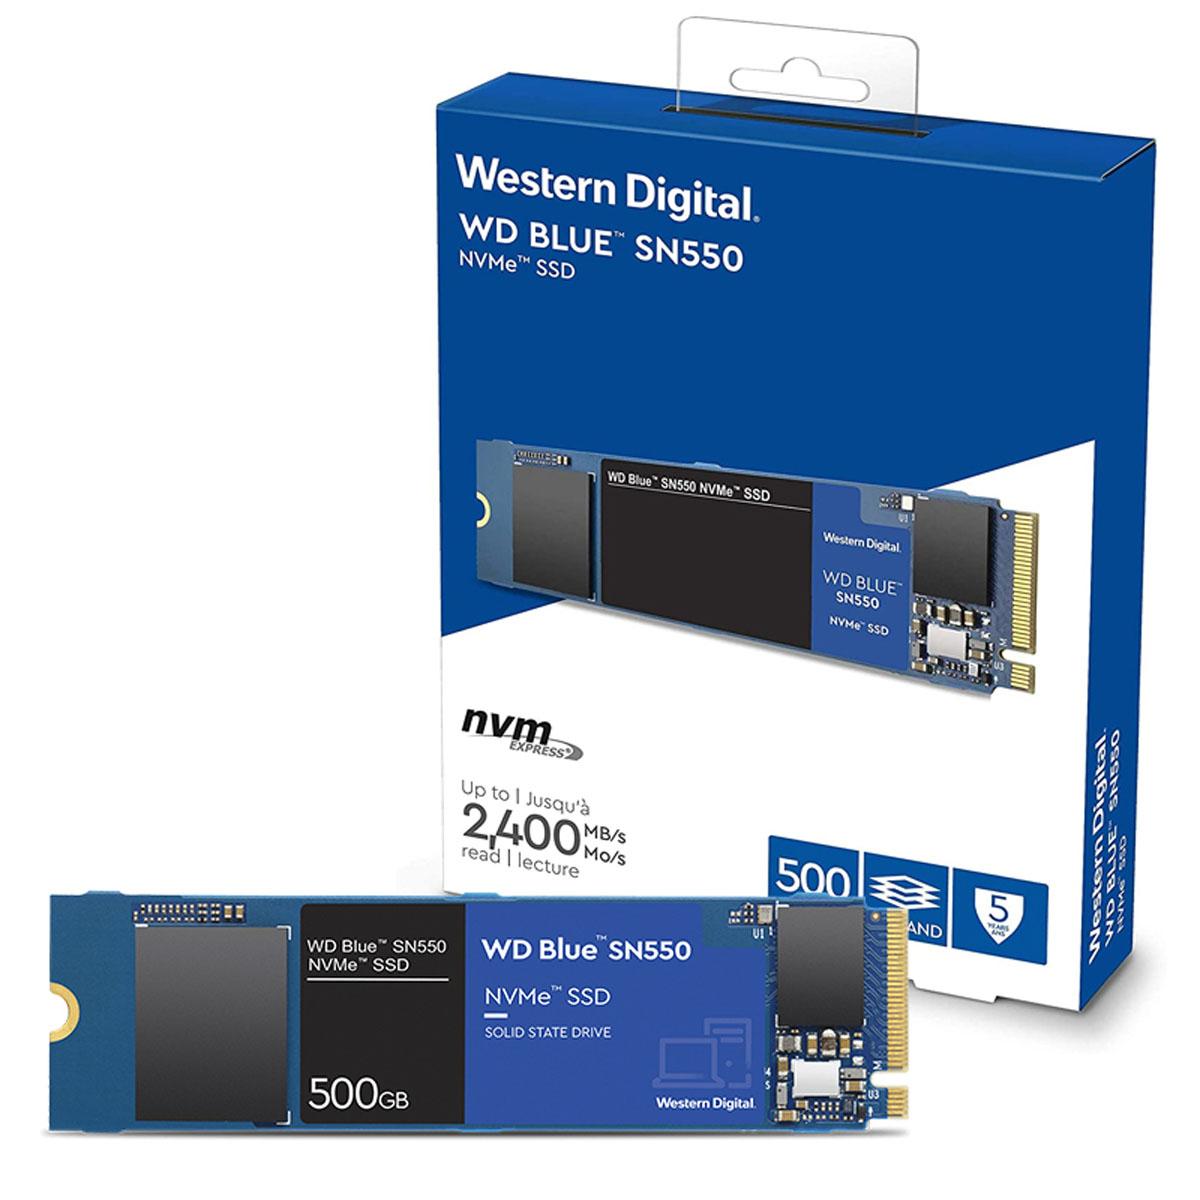 SSD M.2 500Gb Western Digital NVMe SN550 WD BLUE